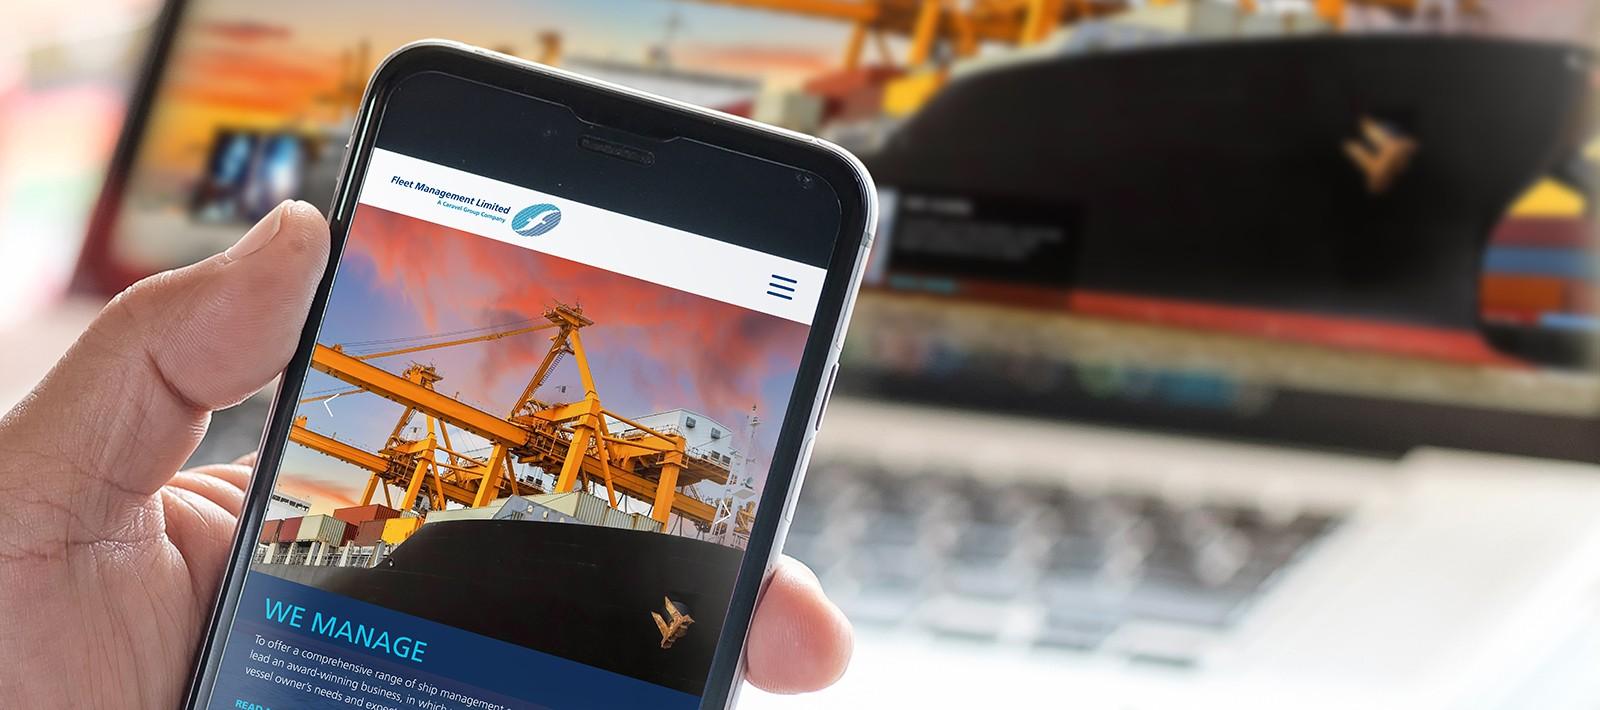 Fleet-management-logistics-web-development-2